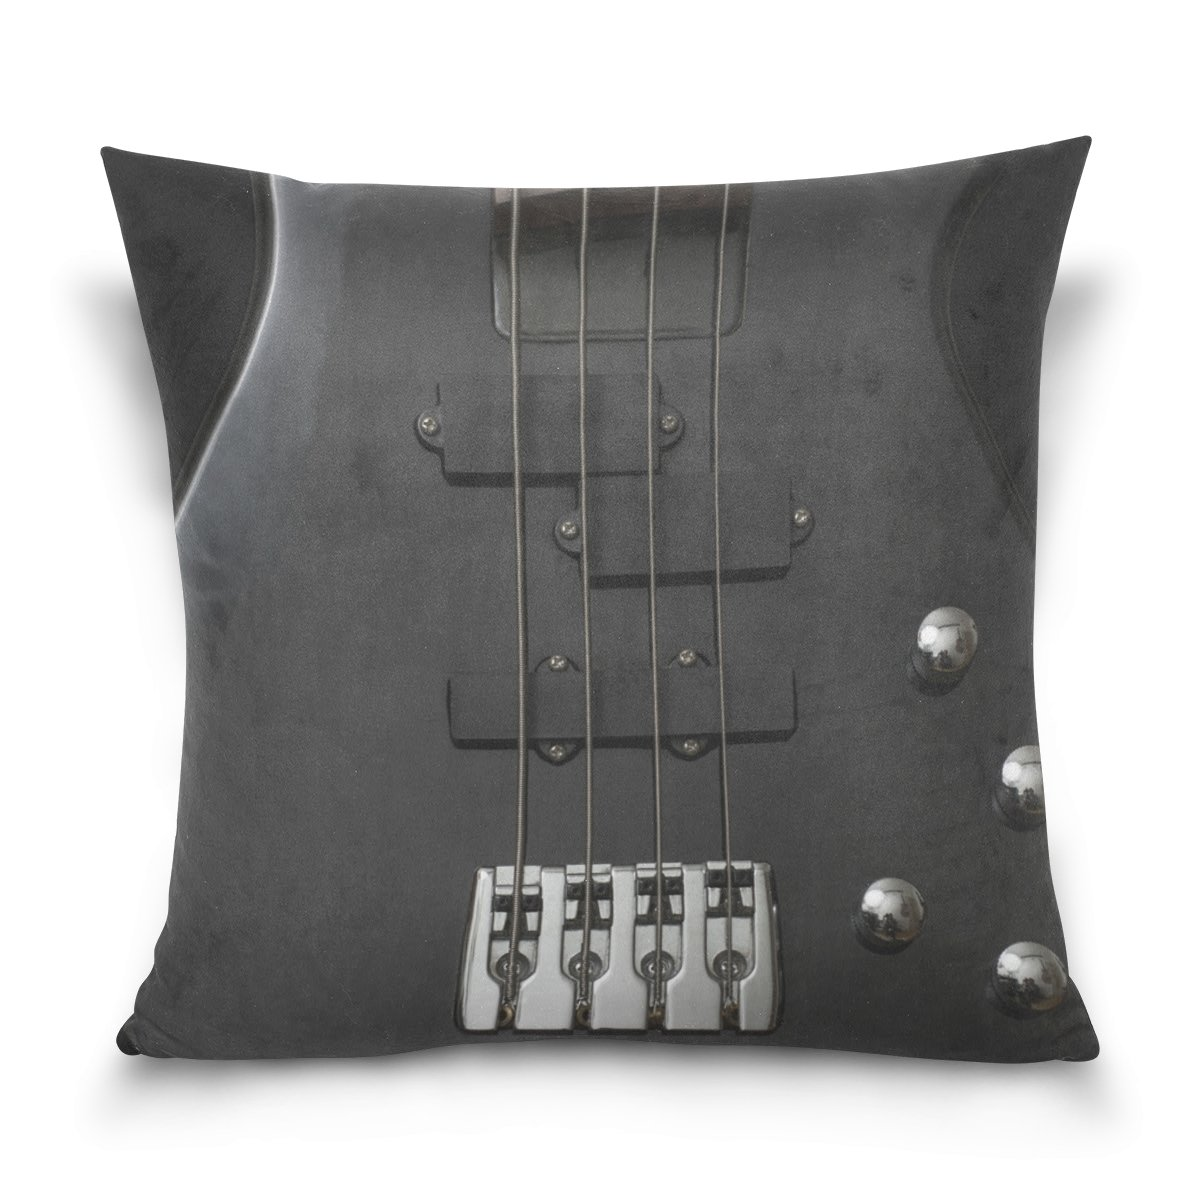 格安人気 josidスロー枕カバーケースSquare Inches Double Sidedギターベース楽器ブラックRock 16 x x 16インチInvisible Zipperのホーム装飾ソファベッド 18 B07CTMXKMN x 18 Inches 18 x 18 Inches B07CTMXKMN, たまりば@小豆島:e579d067 --- a0267596.xsph.ru